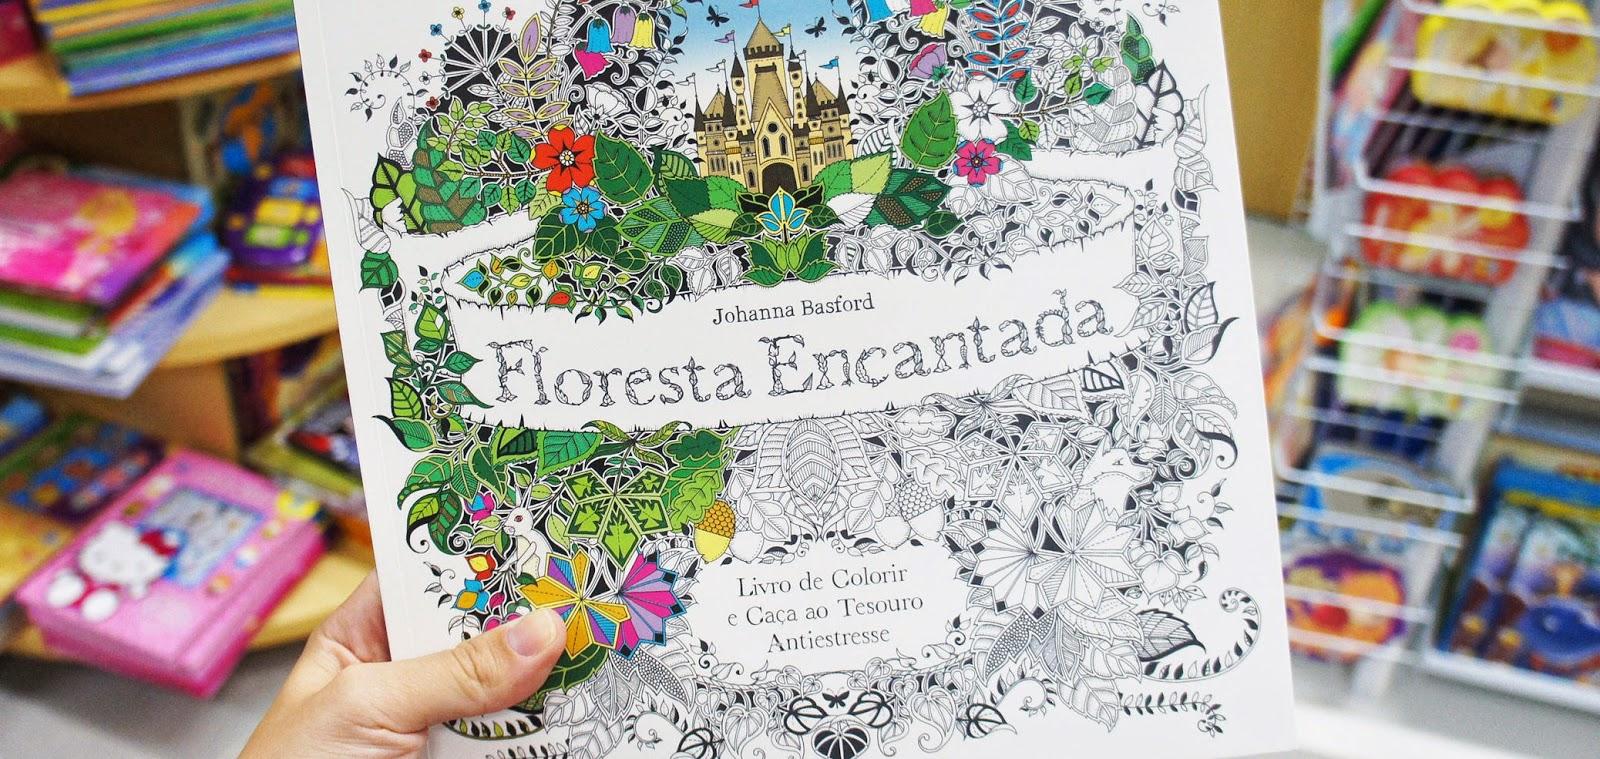 livro Floresta Encantada de Johanna Basford